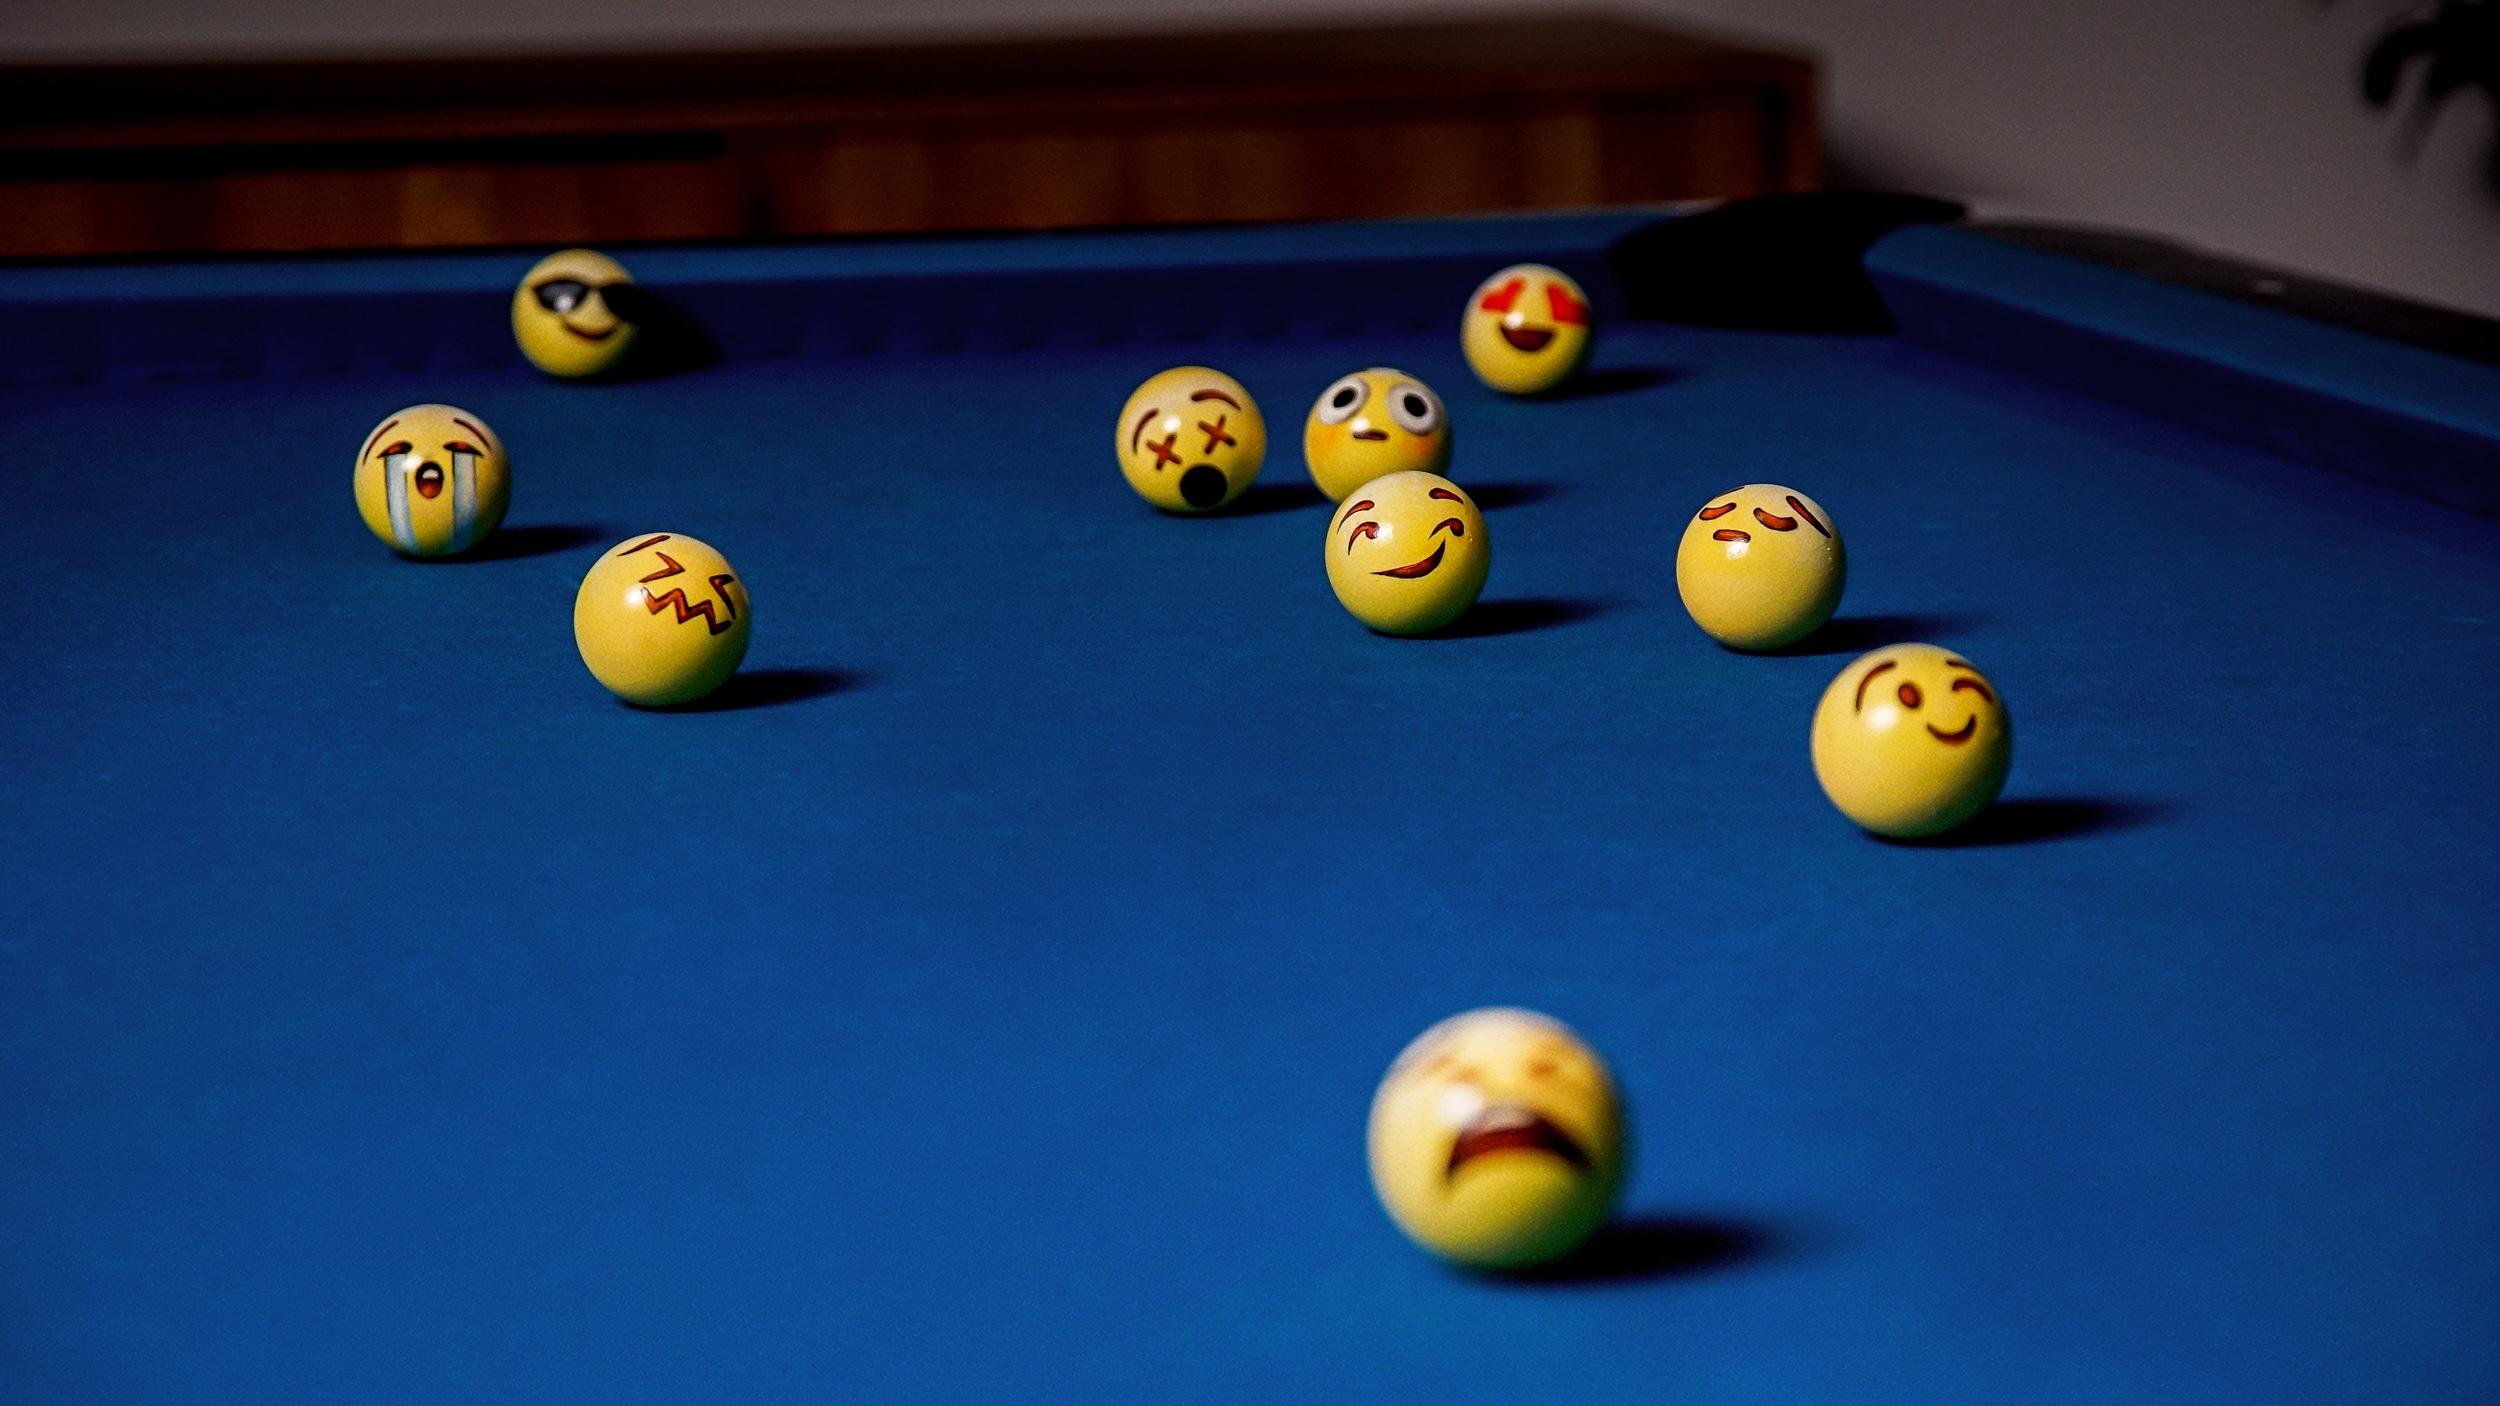 Poolmoji_PoolParty_02.jpg